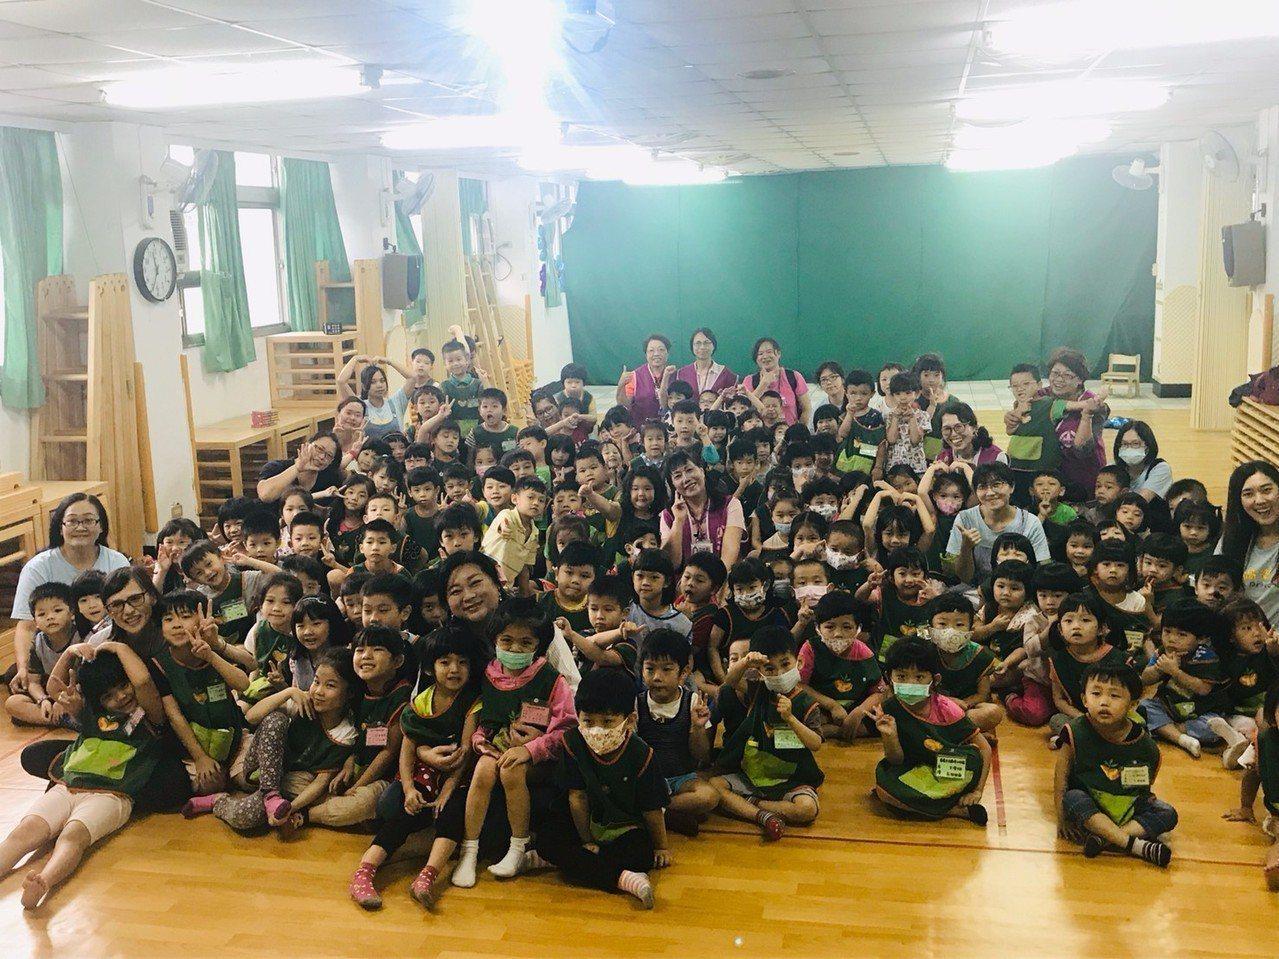 基隆市長夫人吳秋英今天變身故事媽媽,到市立過港幼兒園為235位幼童講故事,她把「...